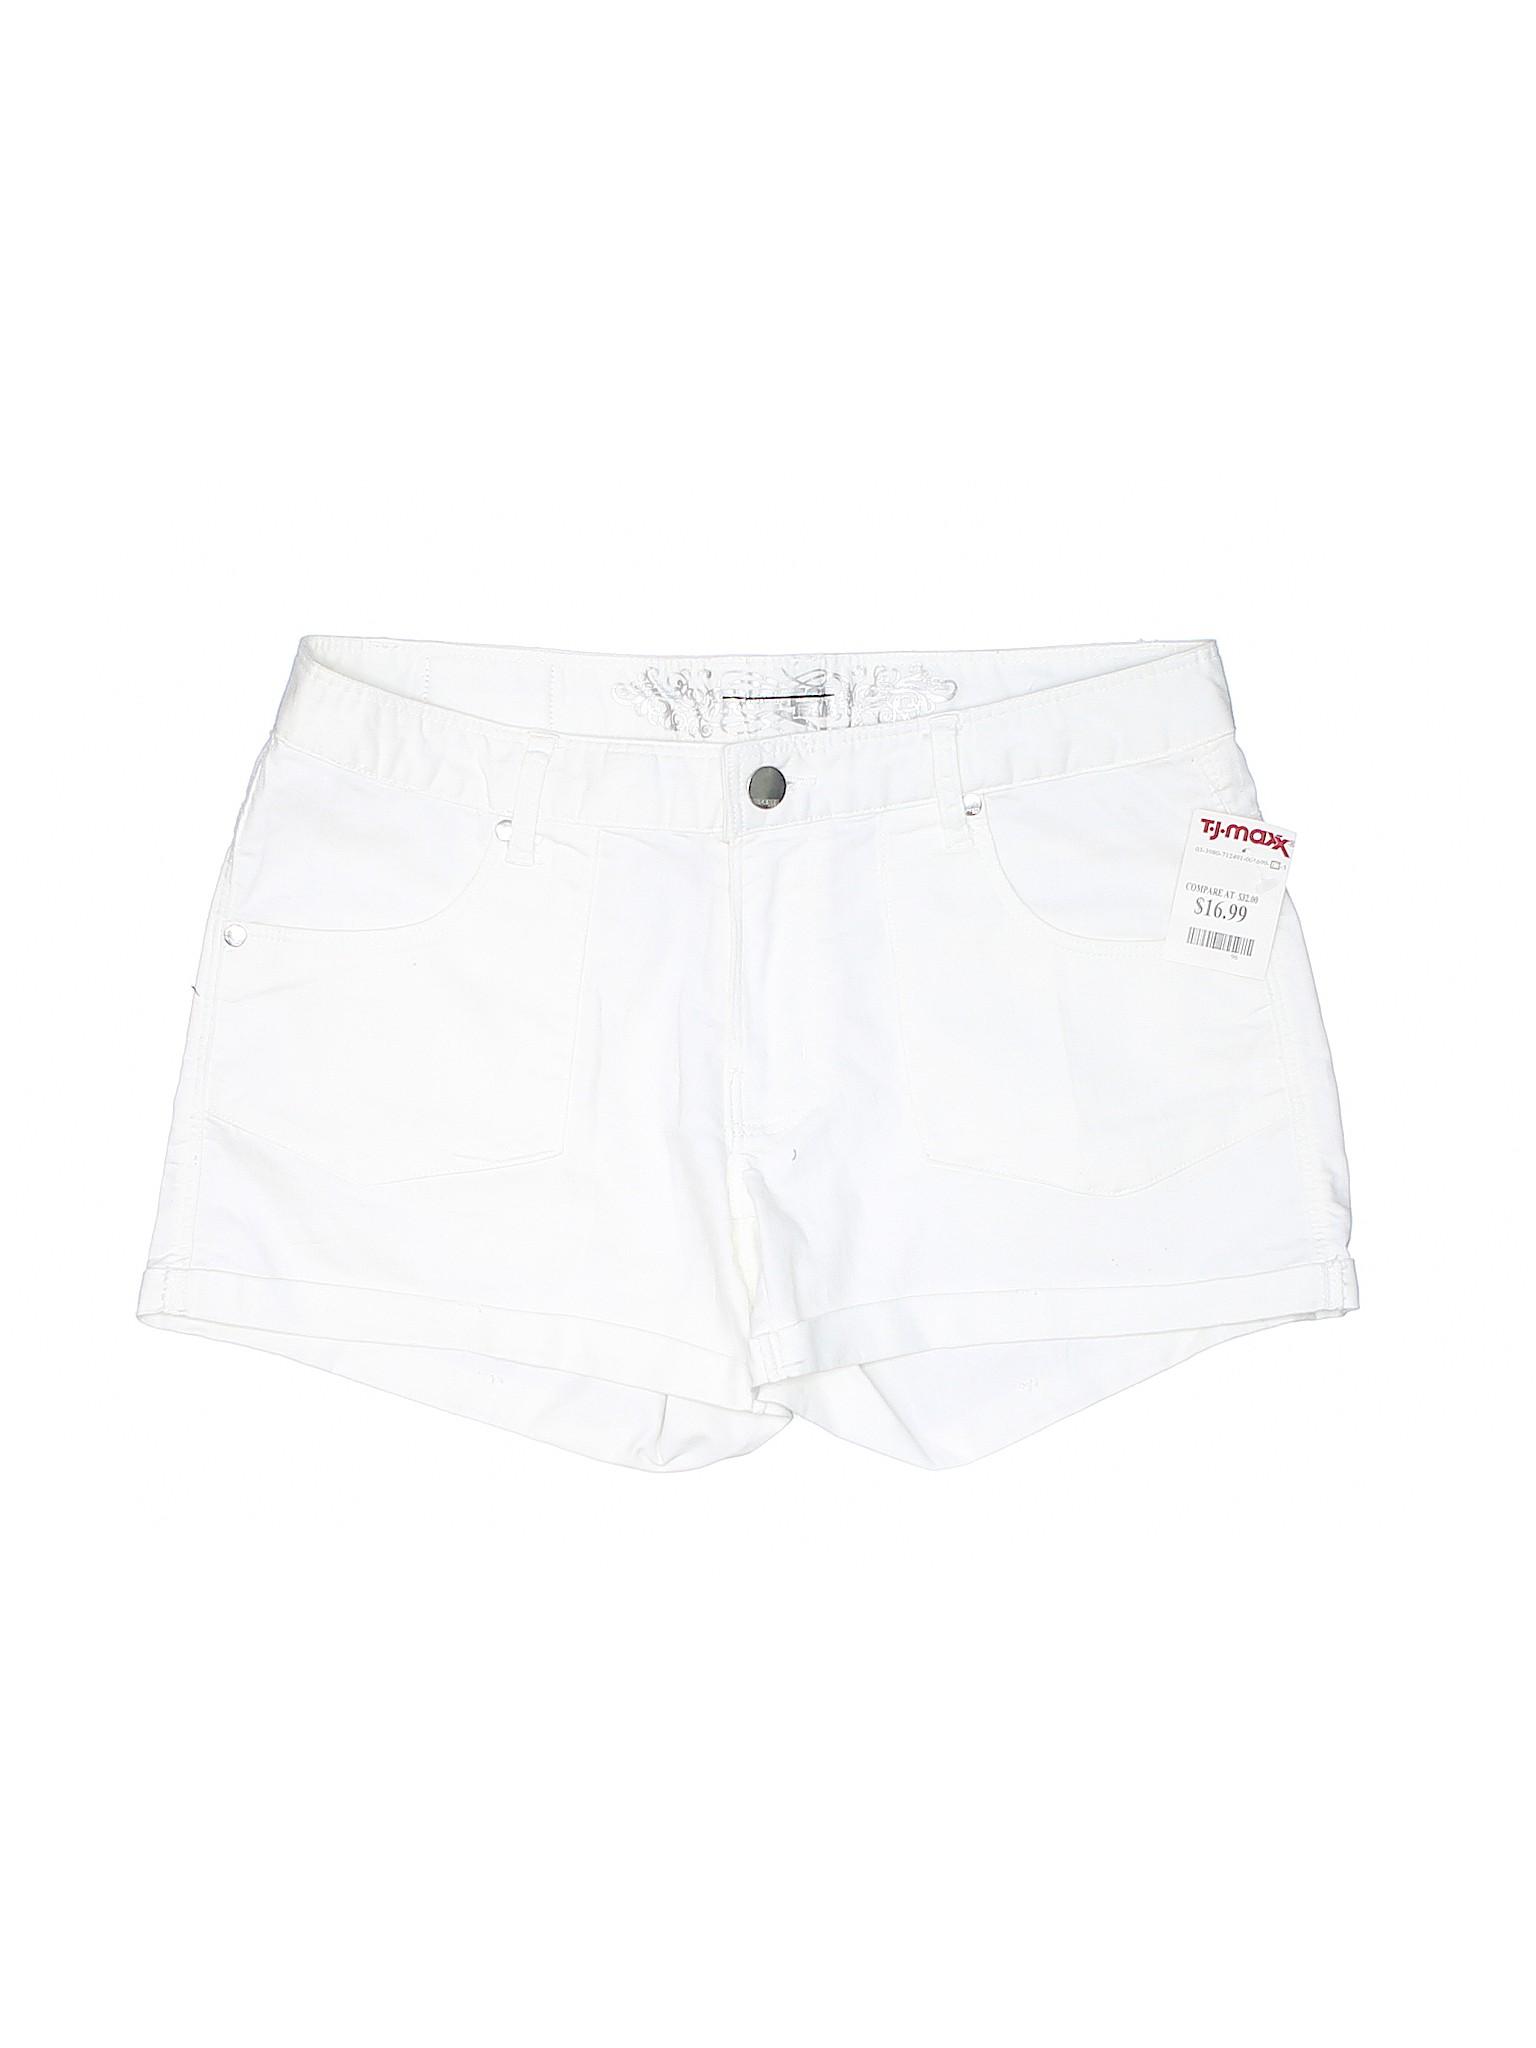 Boutique Boutique Denim Express Jeans Express Shorts Jeans vFqqdwxOA